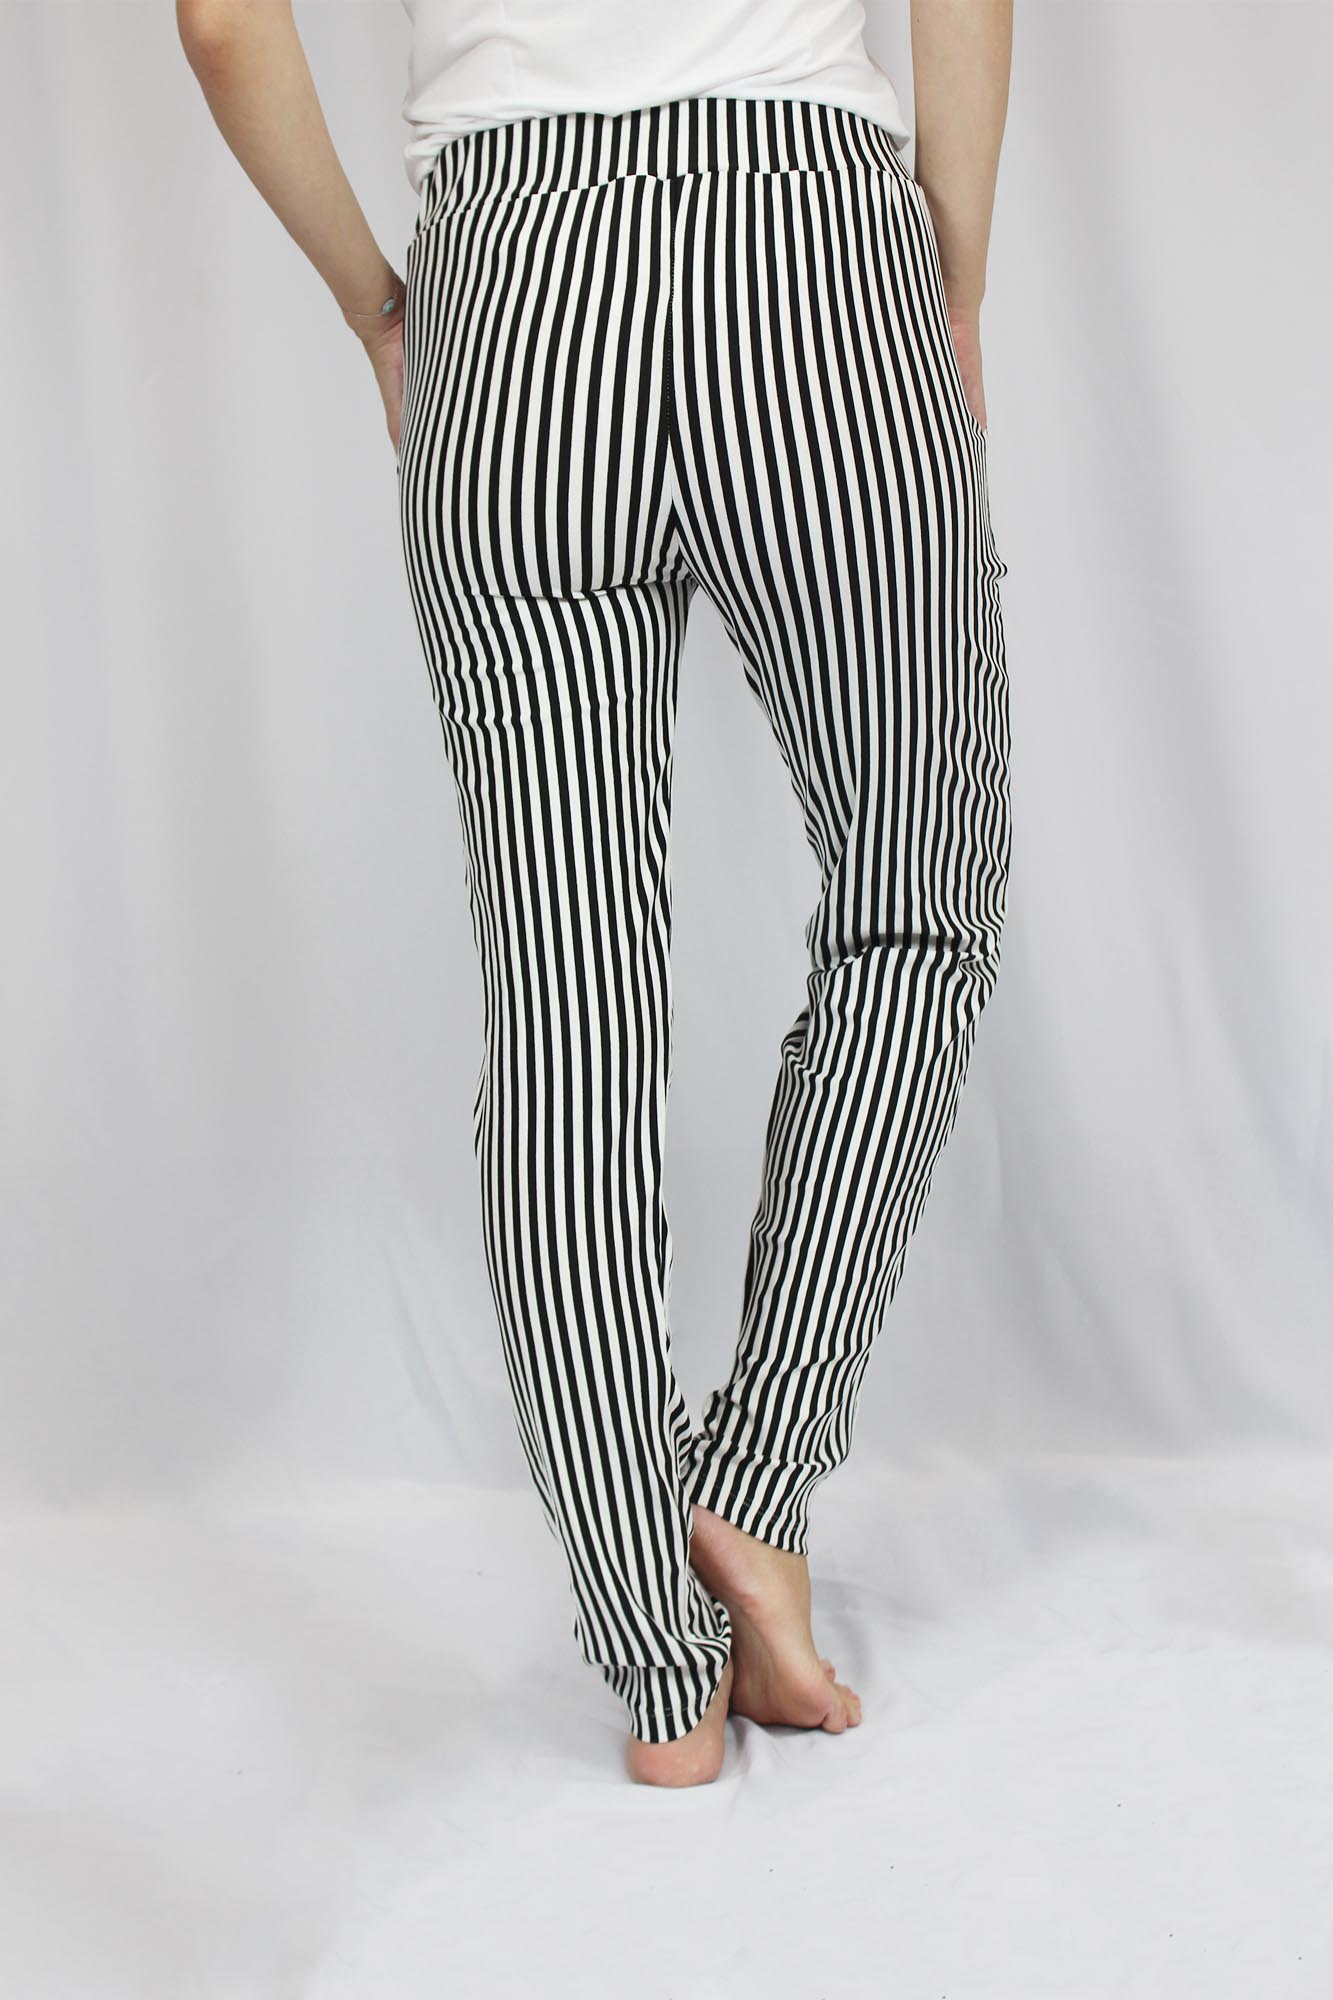 Calça Viscolycra Feminina - Listrado Branco e Preto